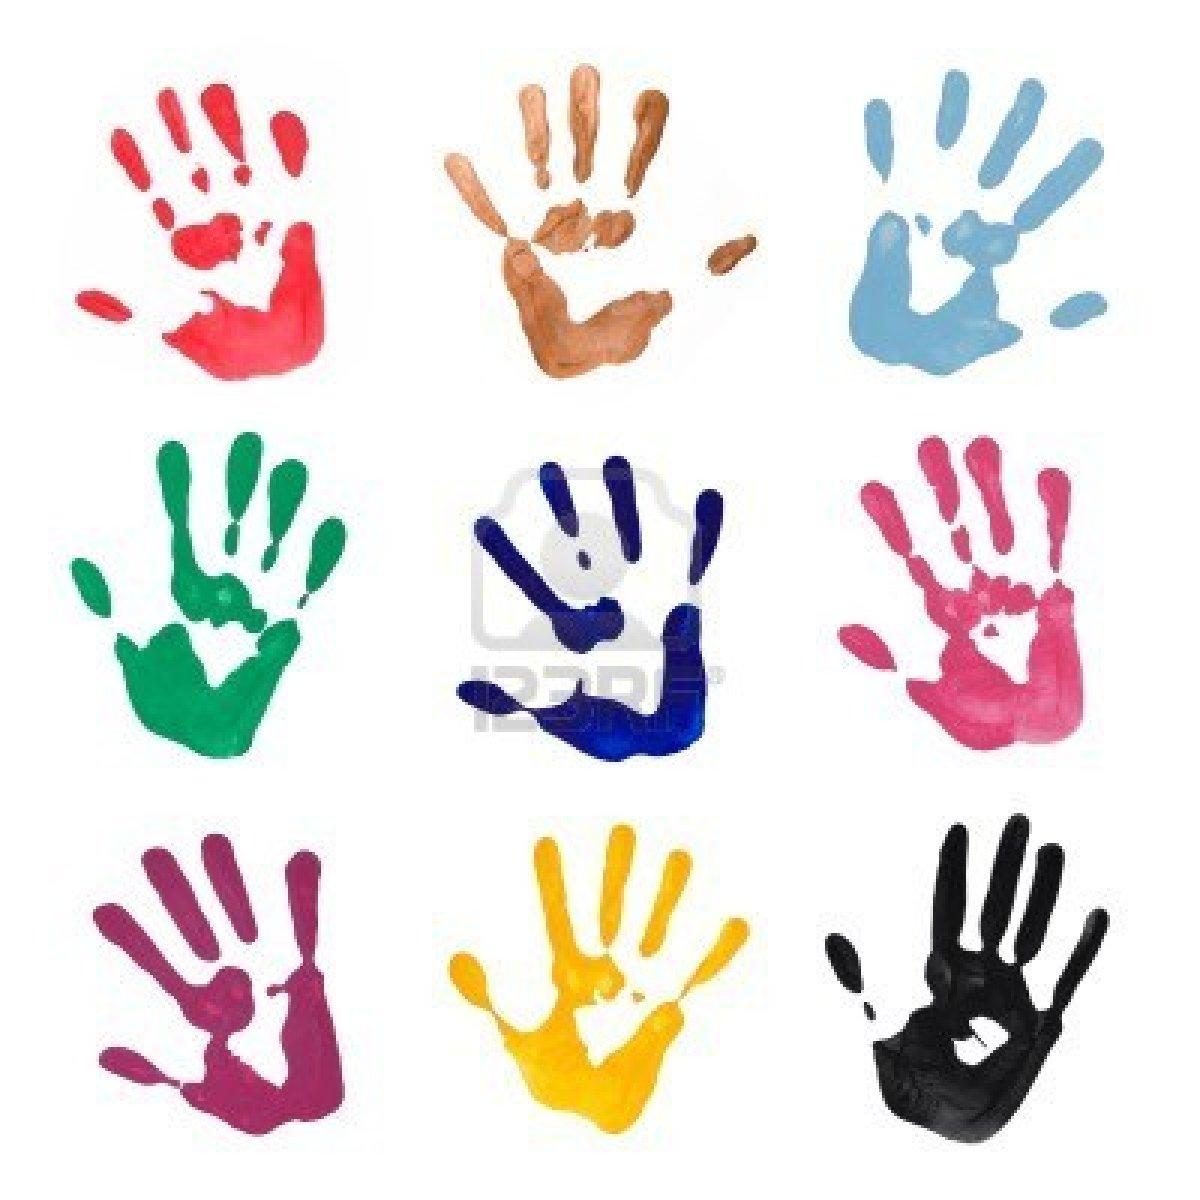 5116077 colorful mains de la main de peinture sur fond blanc ecole st joseph de ploubalay. Black Bedroom Furniture Sets. Home Design Ideas